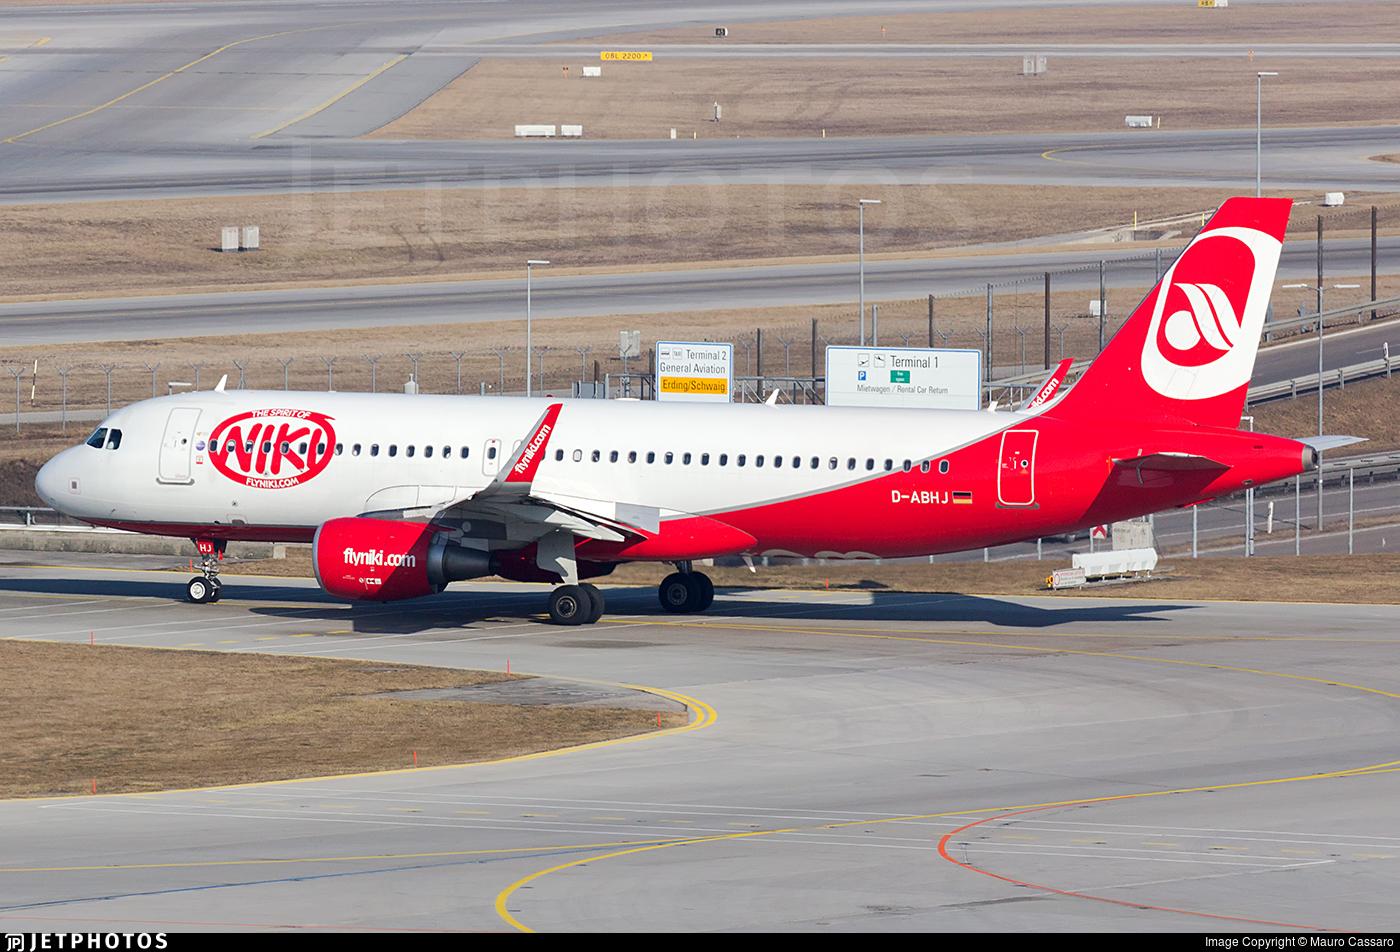 D-ABHJ - Airbus A320-214 - Niki